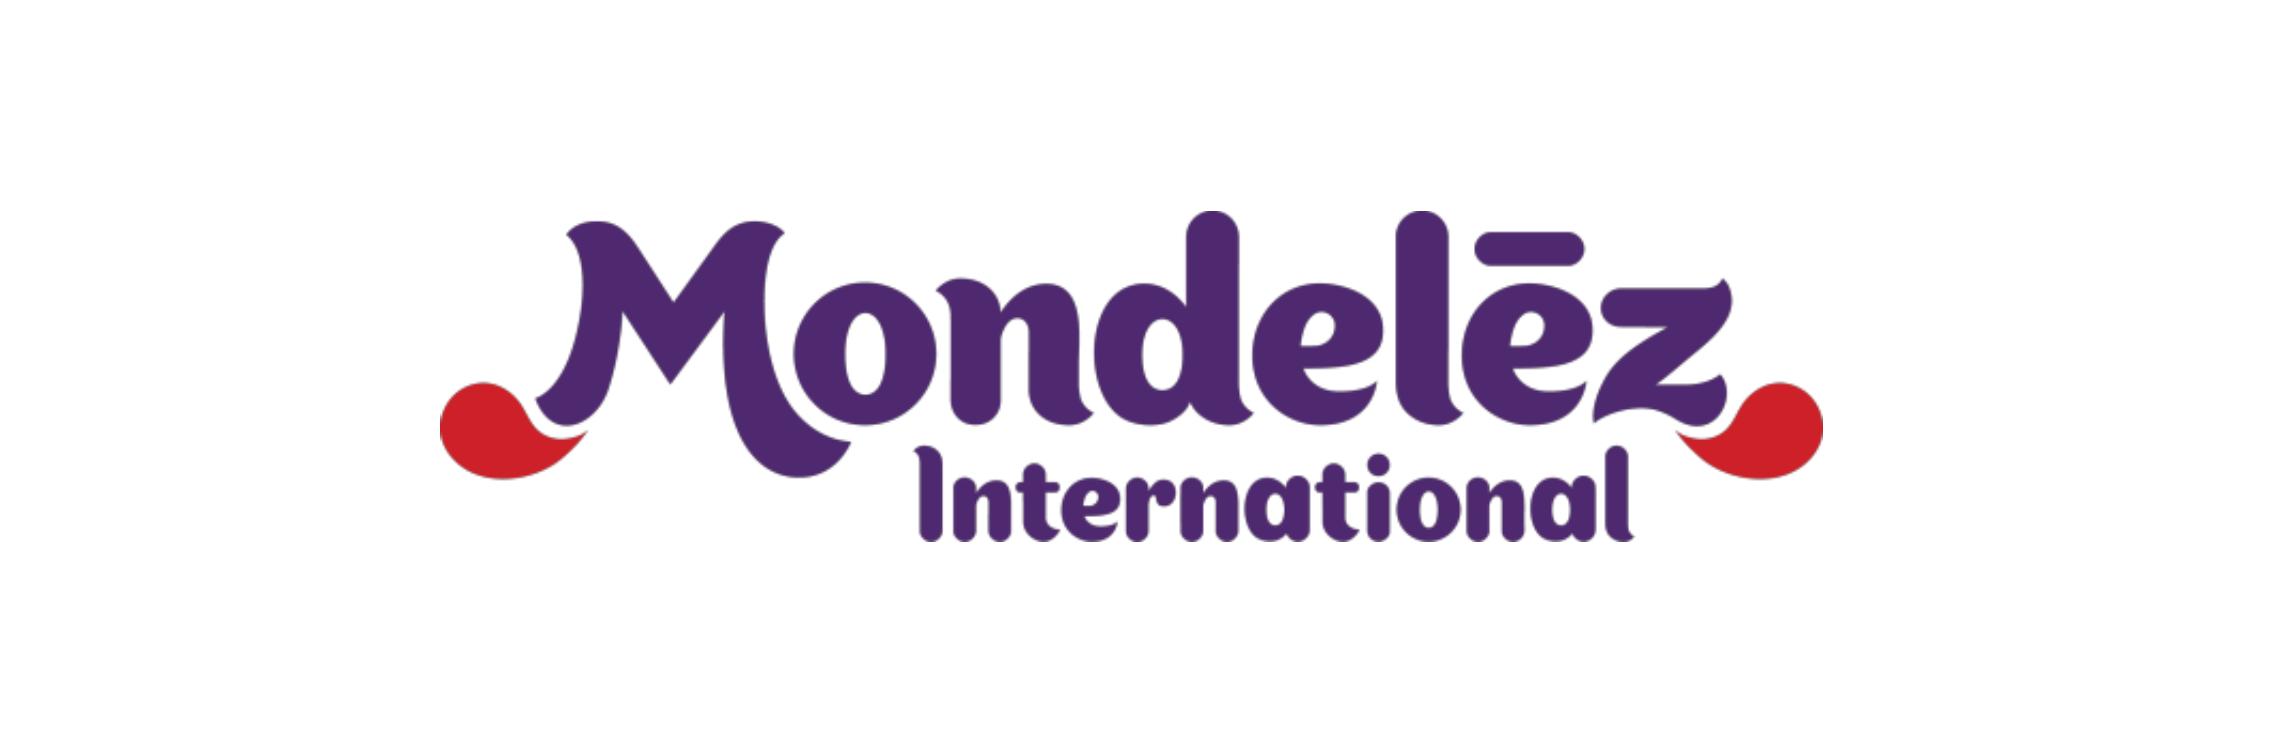 Mondelez International logo written in purple.